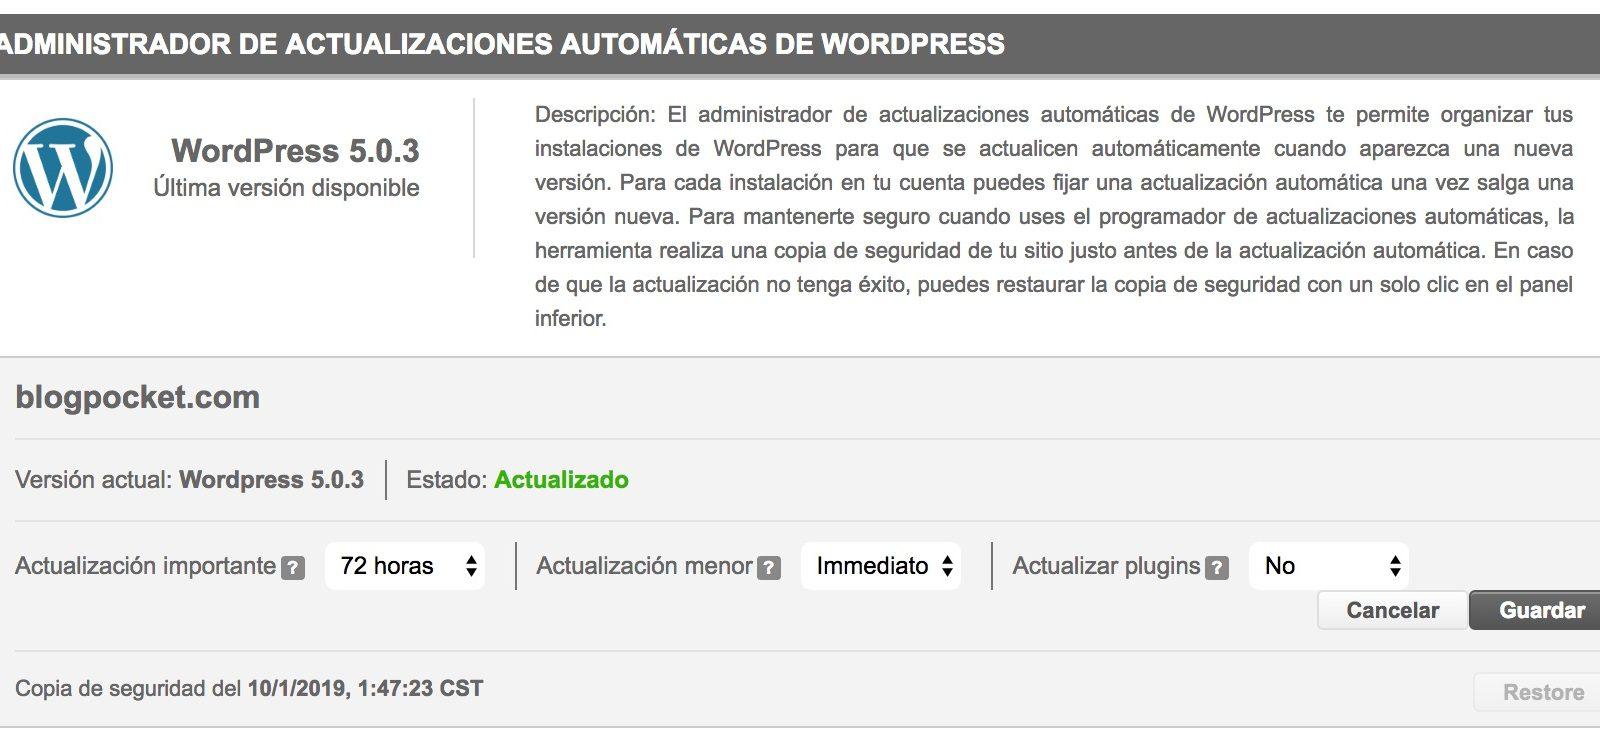 siteground-instalaciones-automaticas-1600x738 Mantenimiento de WordPress: la guía definitiva para cuidar tu blog